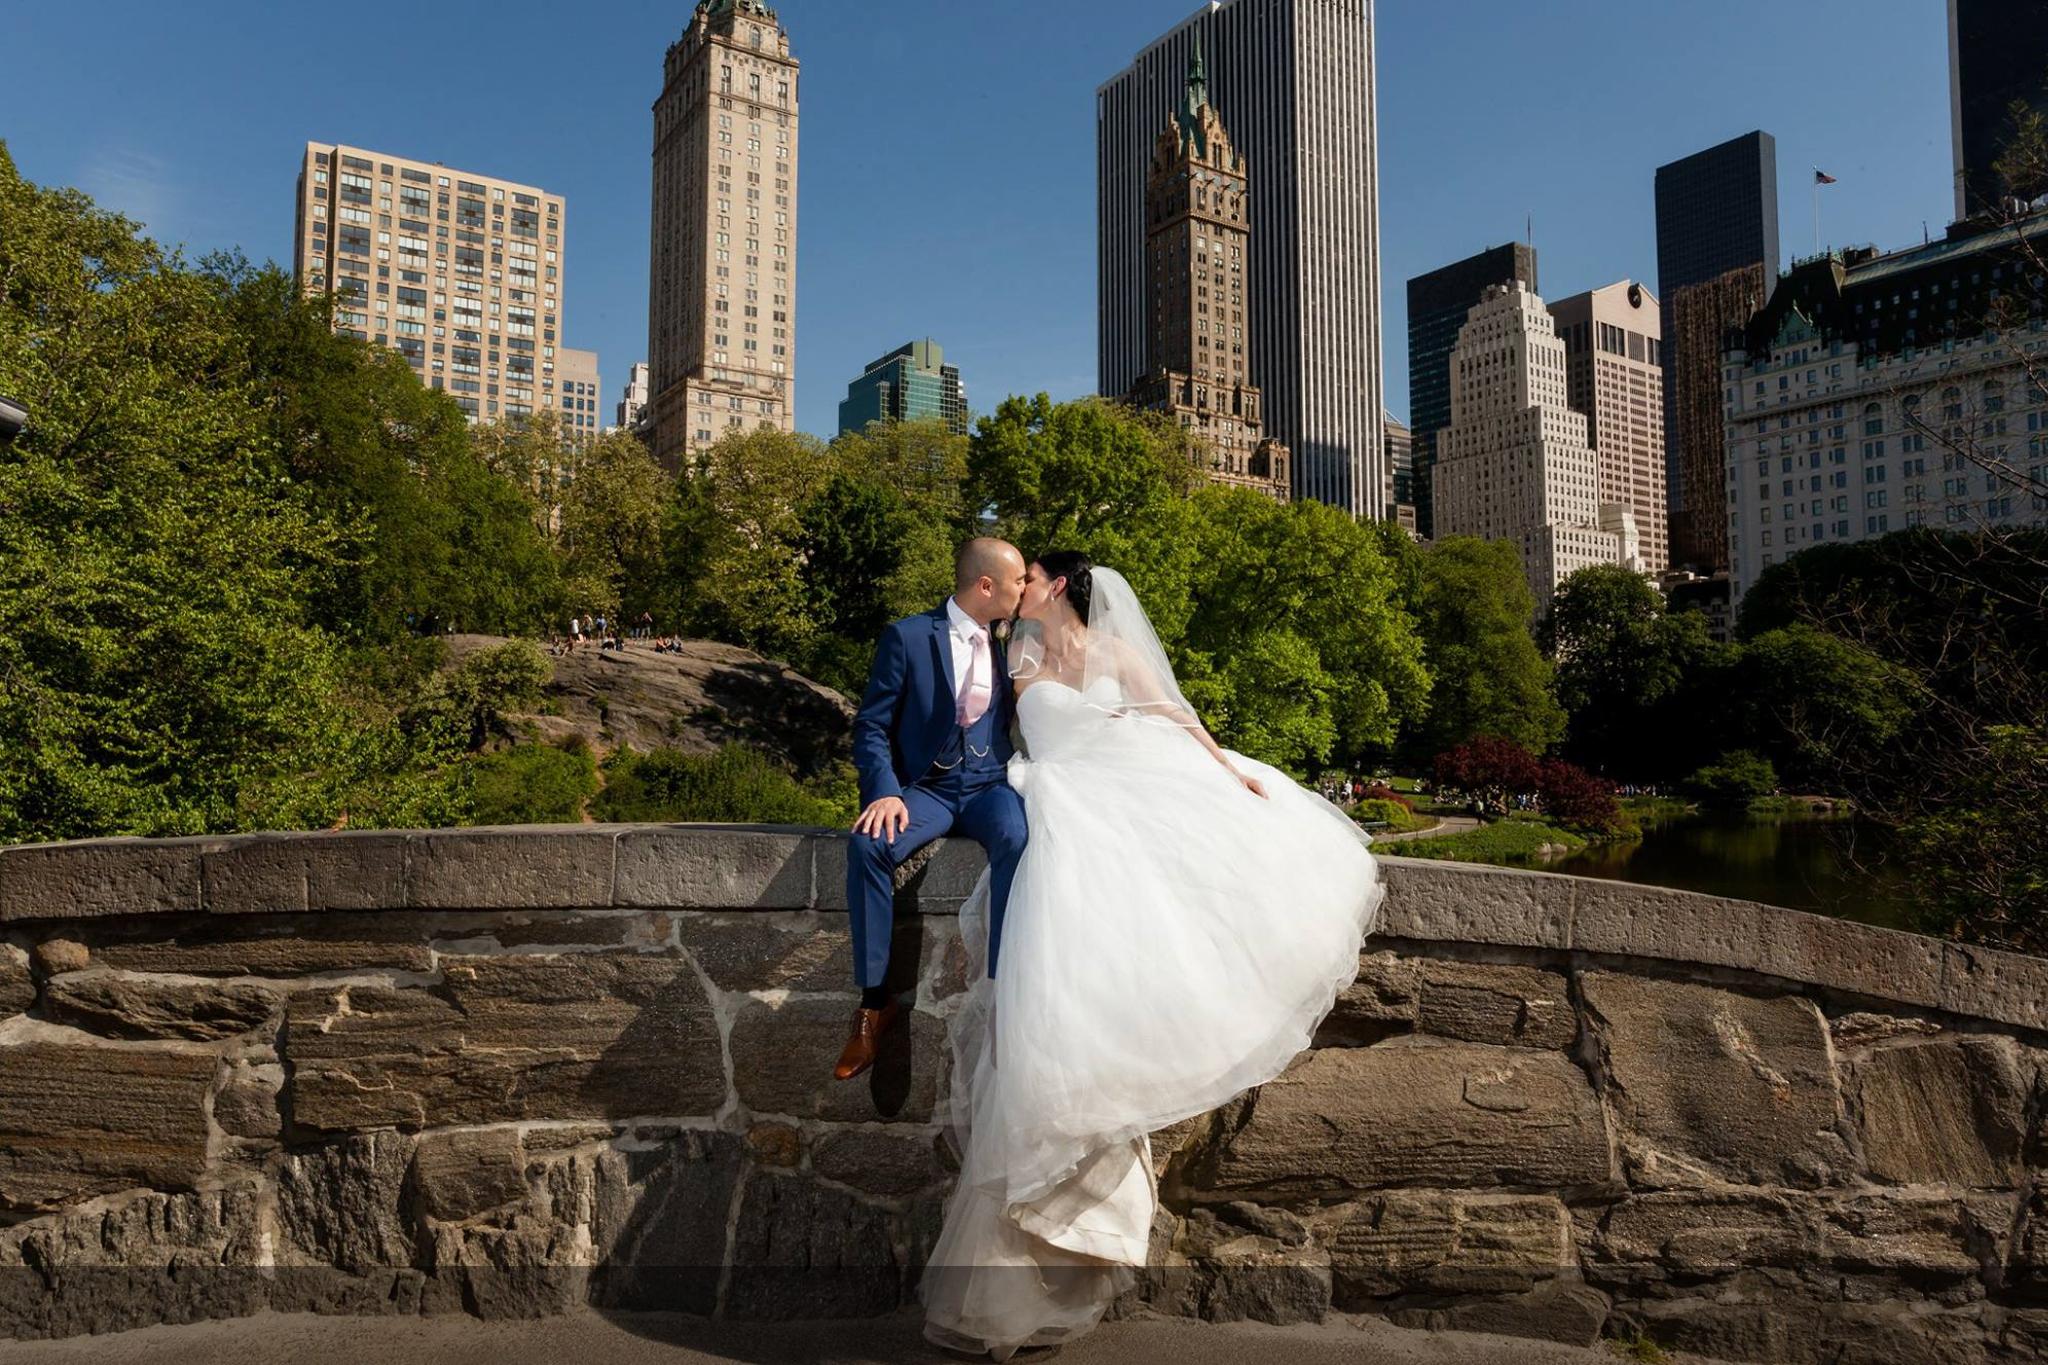 Central Park | Gapstow Bridge